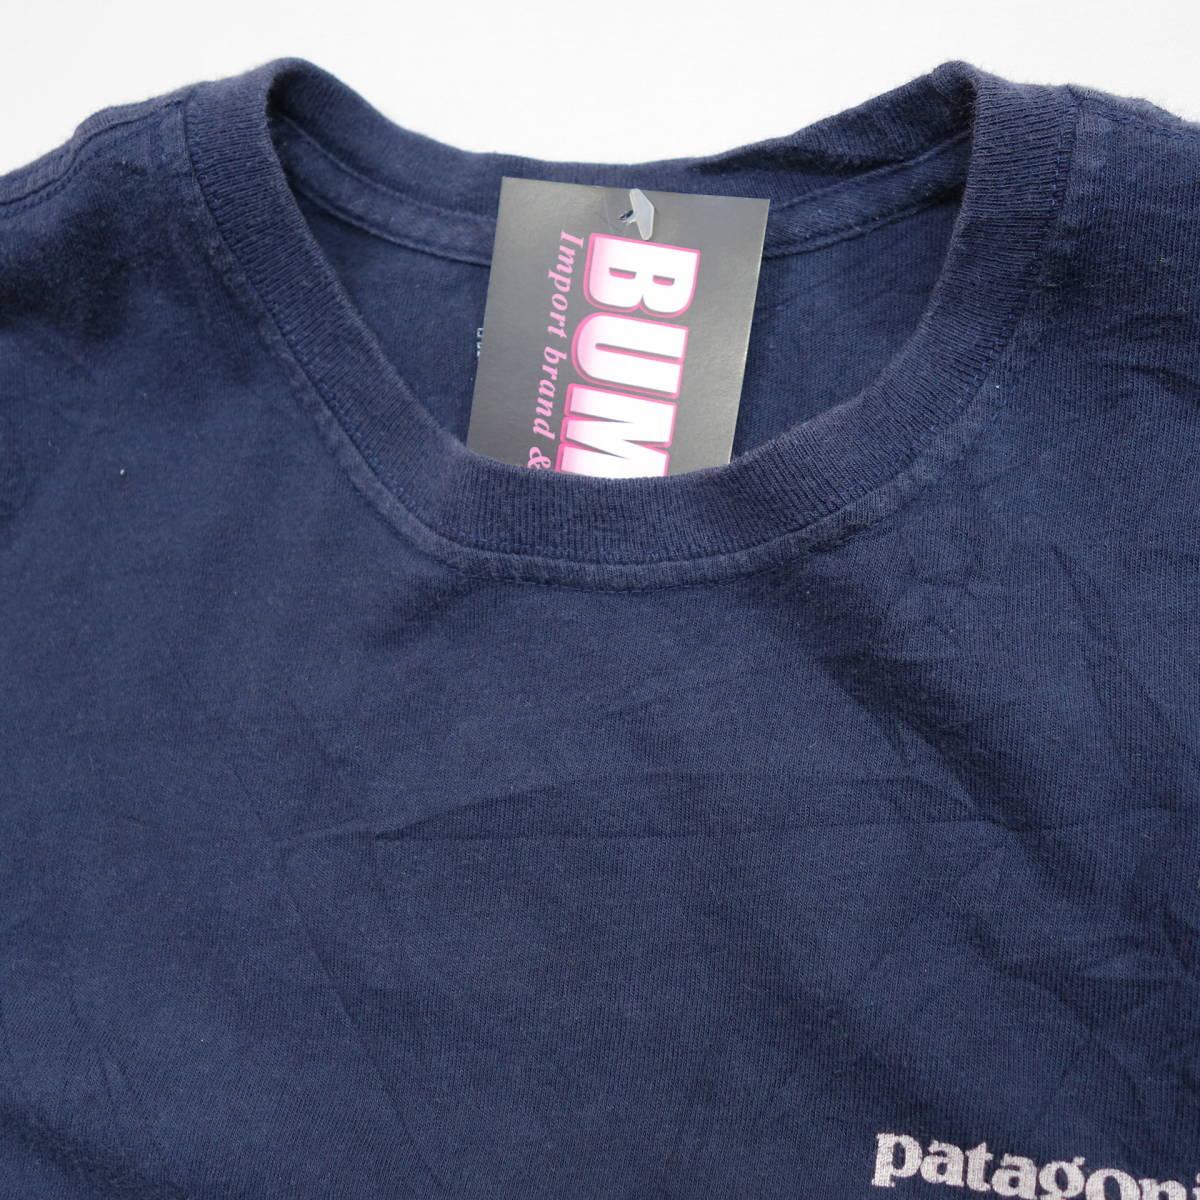 パタゴニア patagonia Tシャツ 半袖 メンズ S クルーネック バックプリント アウトドア カジュアル アメリカ USA直輸入 古着 MNO-1-1-0510_画像4